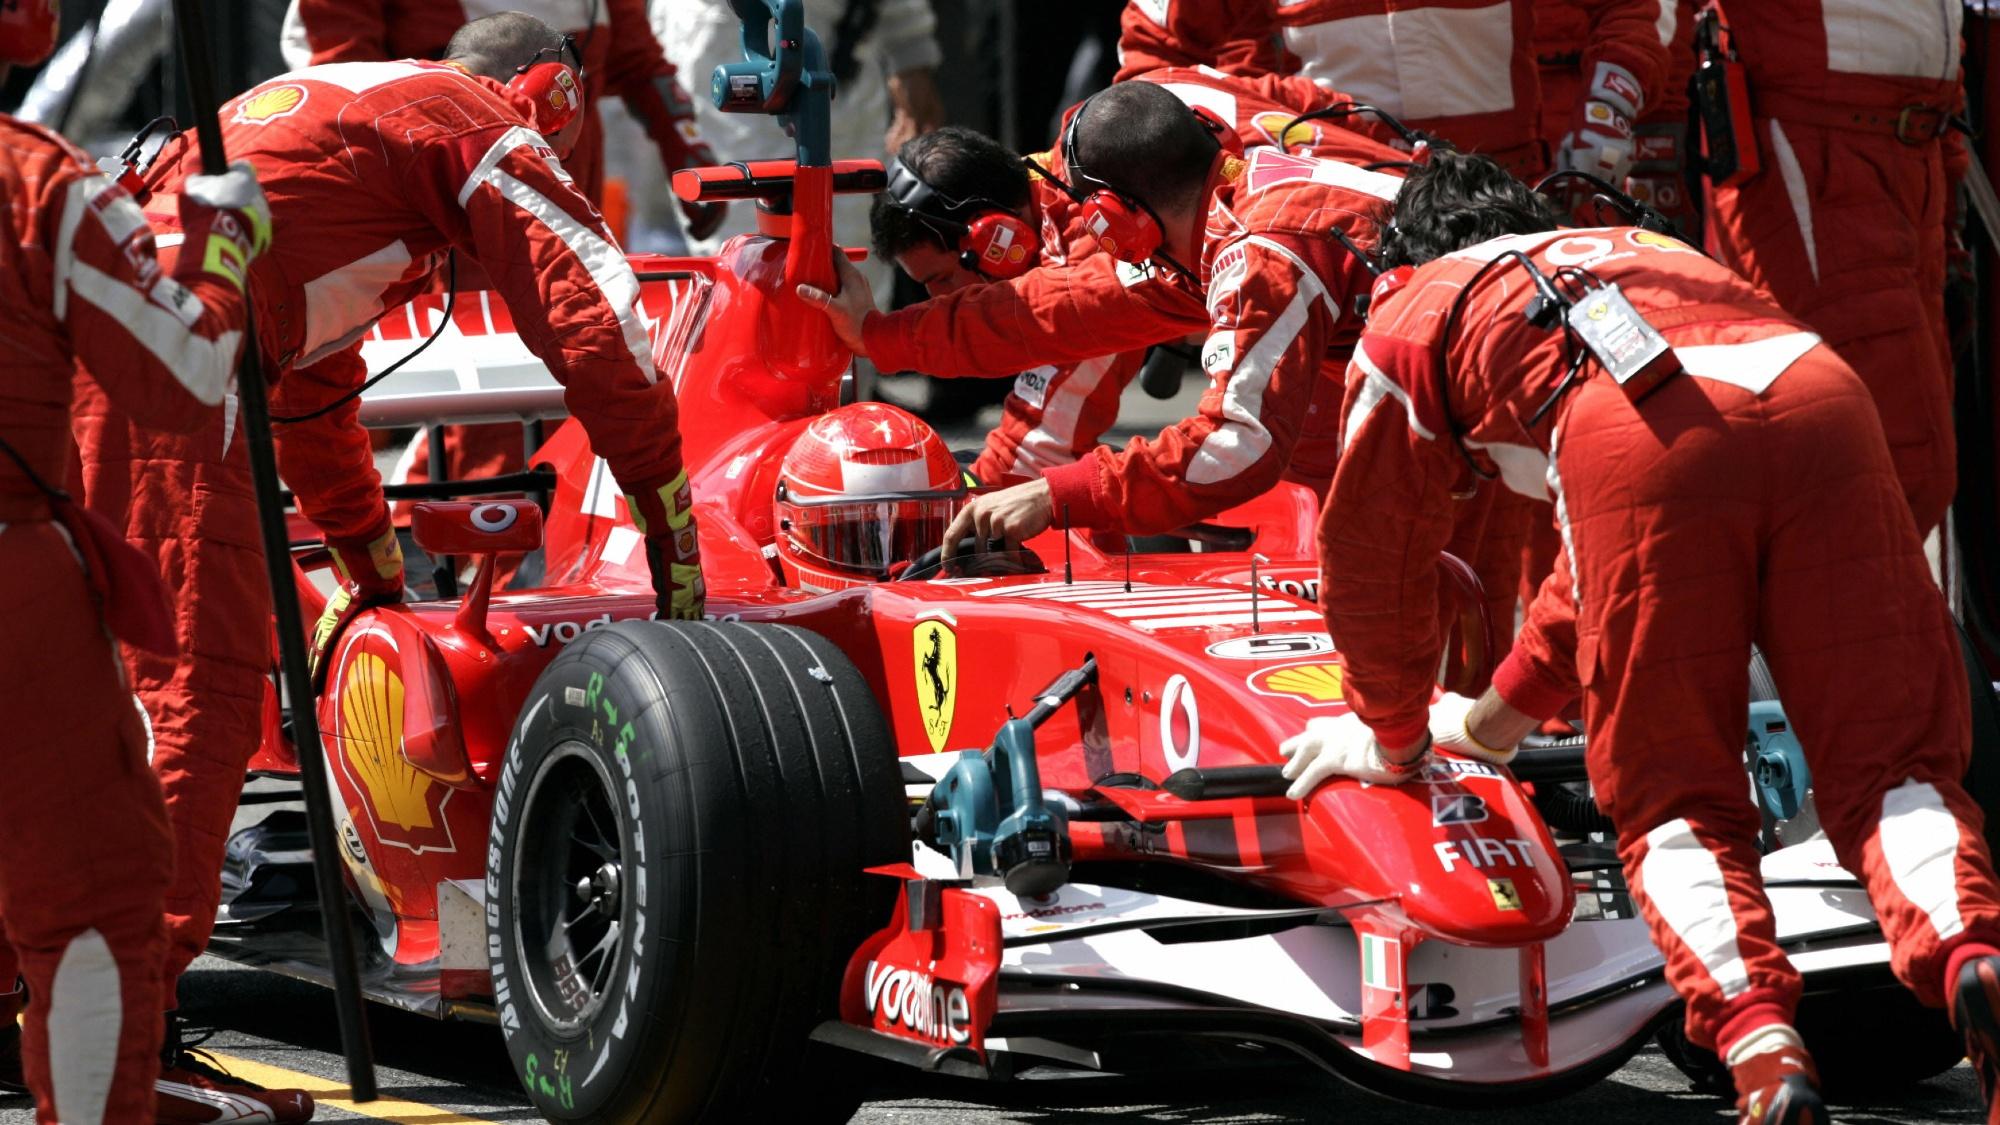 2006 Brazil GP, Michael Schumacher